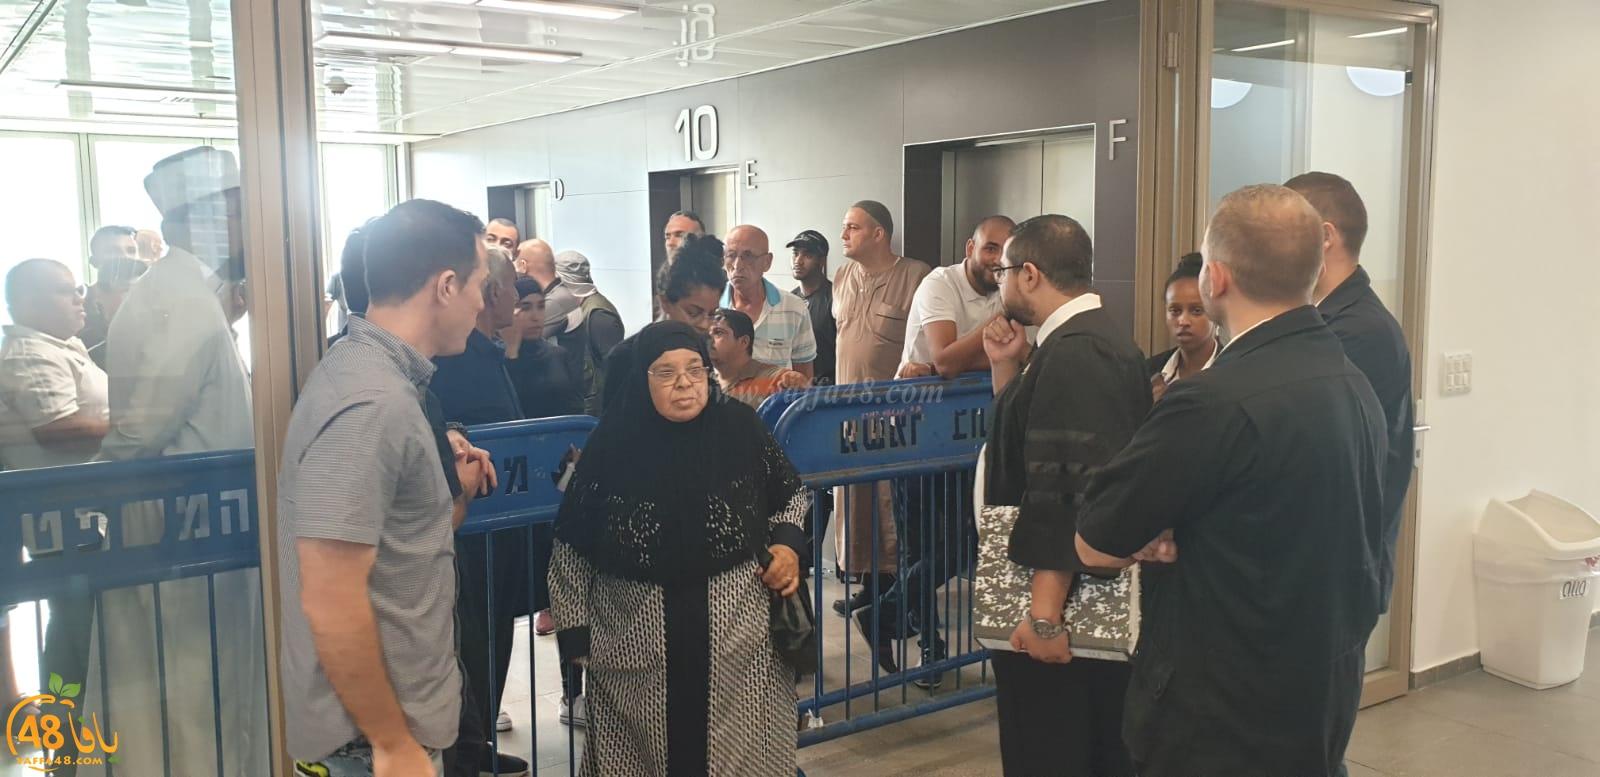 وسط حضور أهالي المدينة - انطلاق جلسة المحكمة الخاصة بمقبرة الاسعاف الاسلامية بيافا